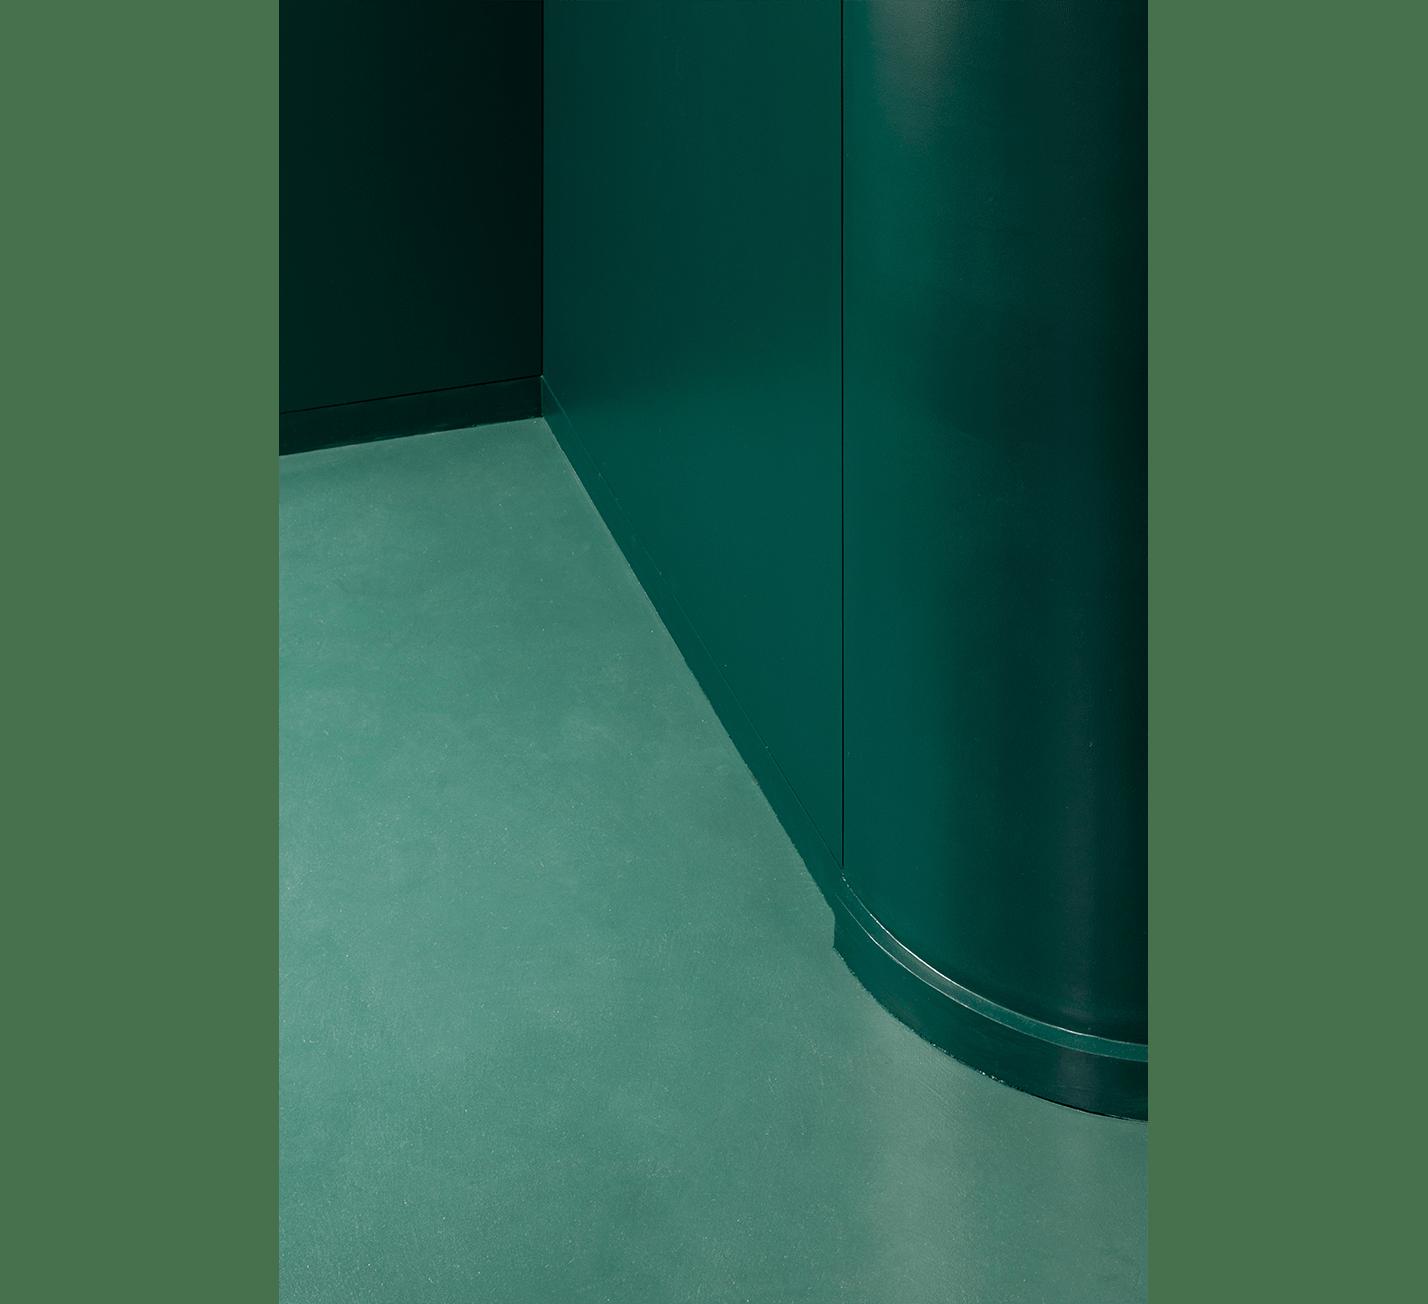 Projet-Georges-Atelier-Steve-Pauline-Borgia-Architecte-interieur-08-min